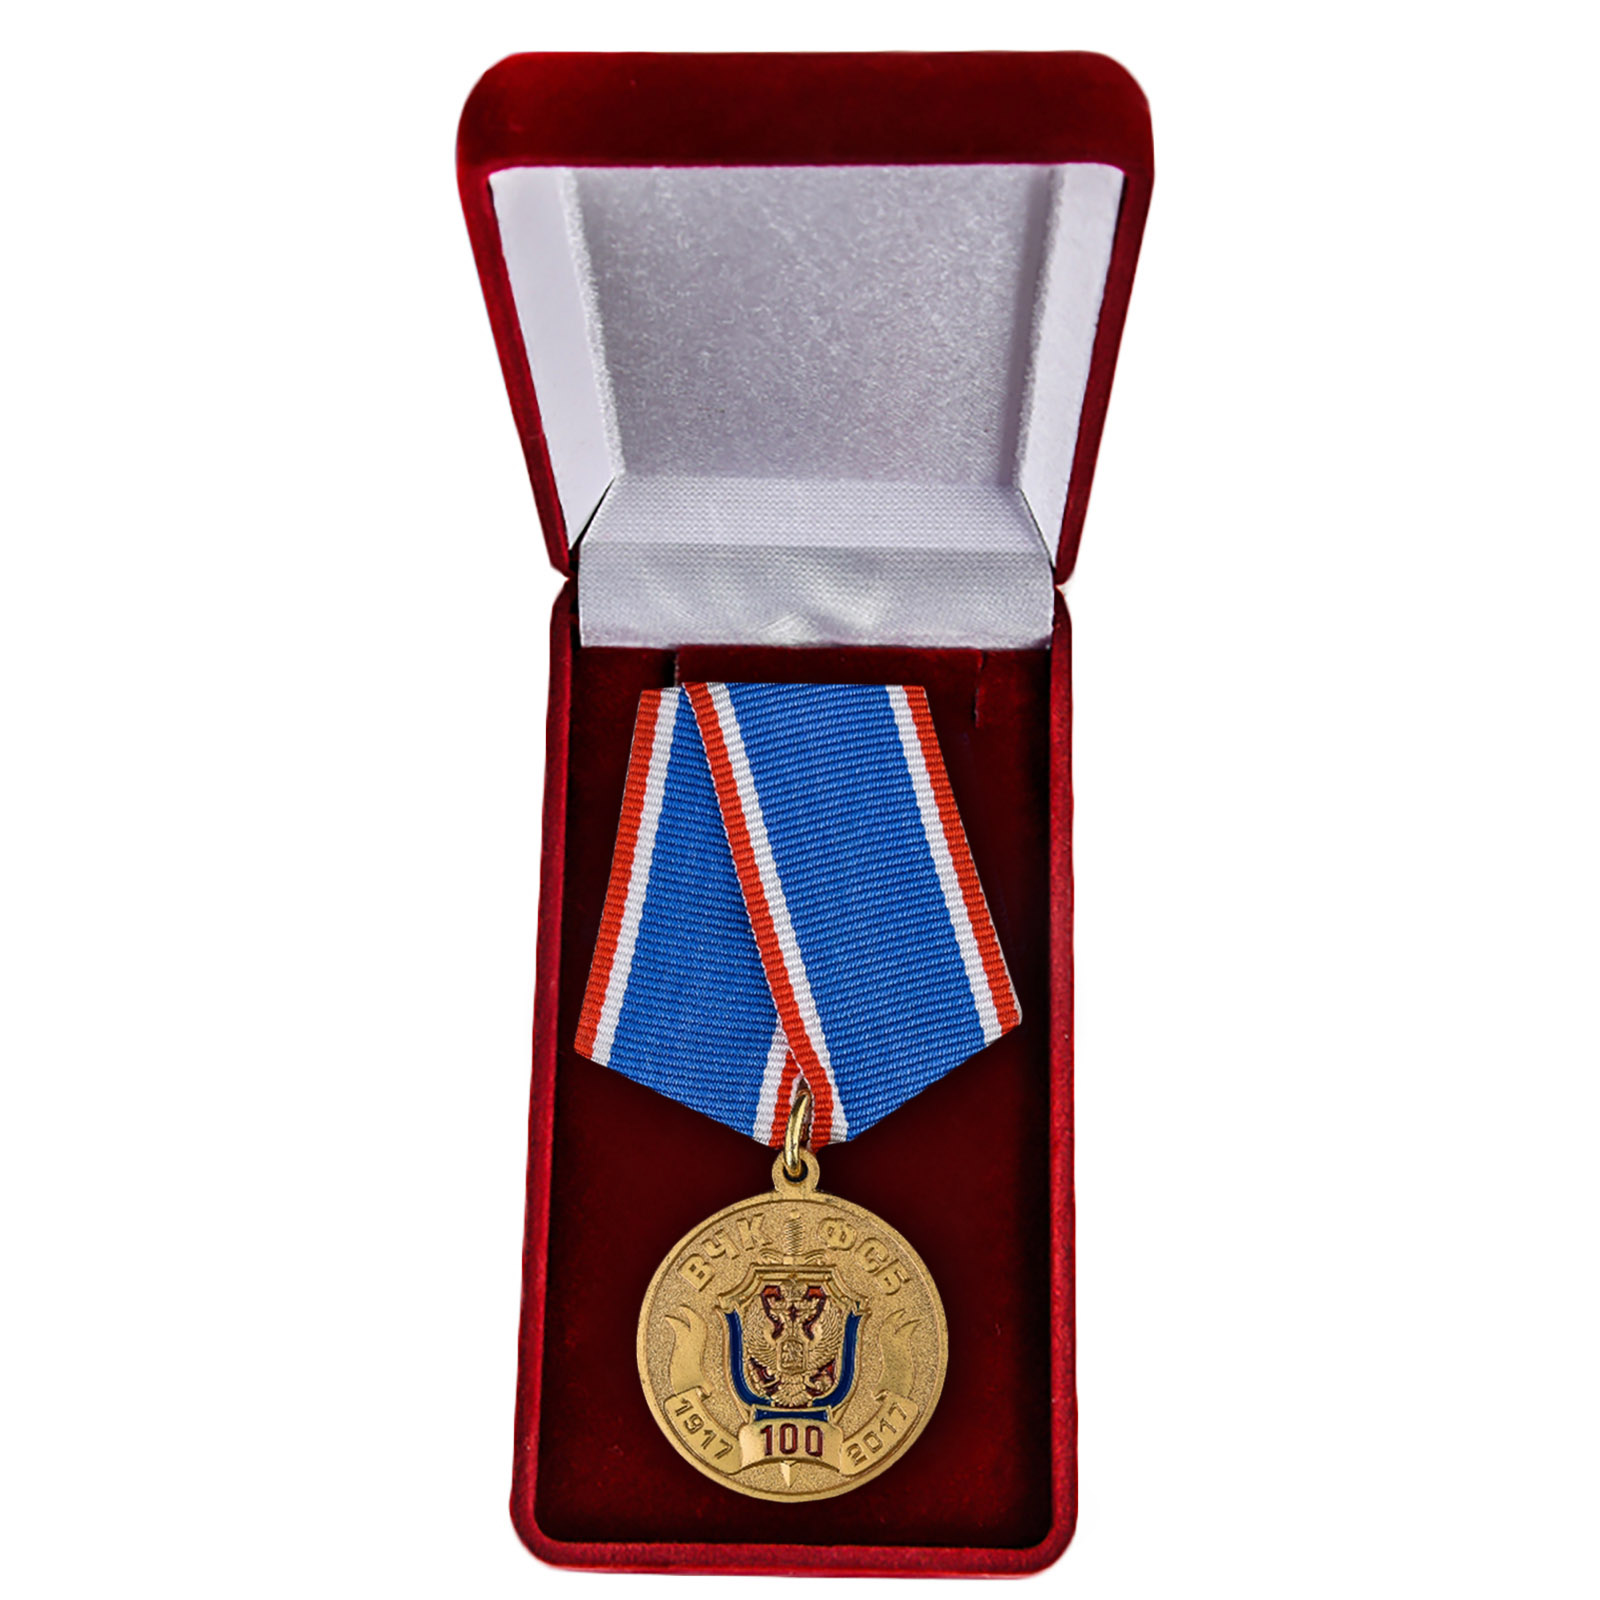 Юбилейная медаль ФСБ купить в Военпро